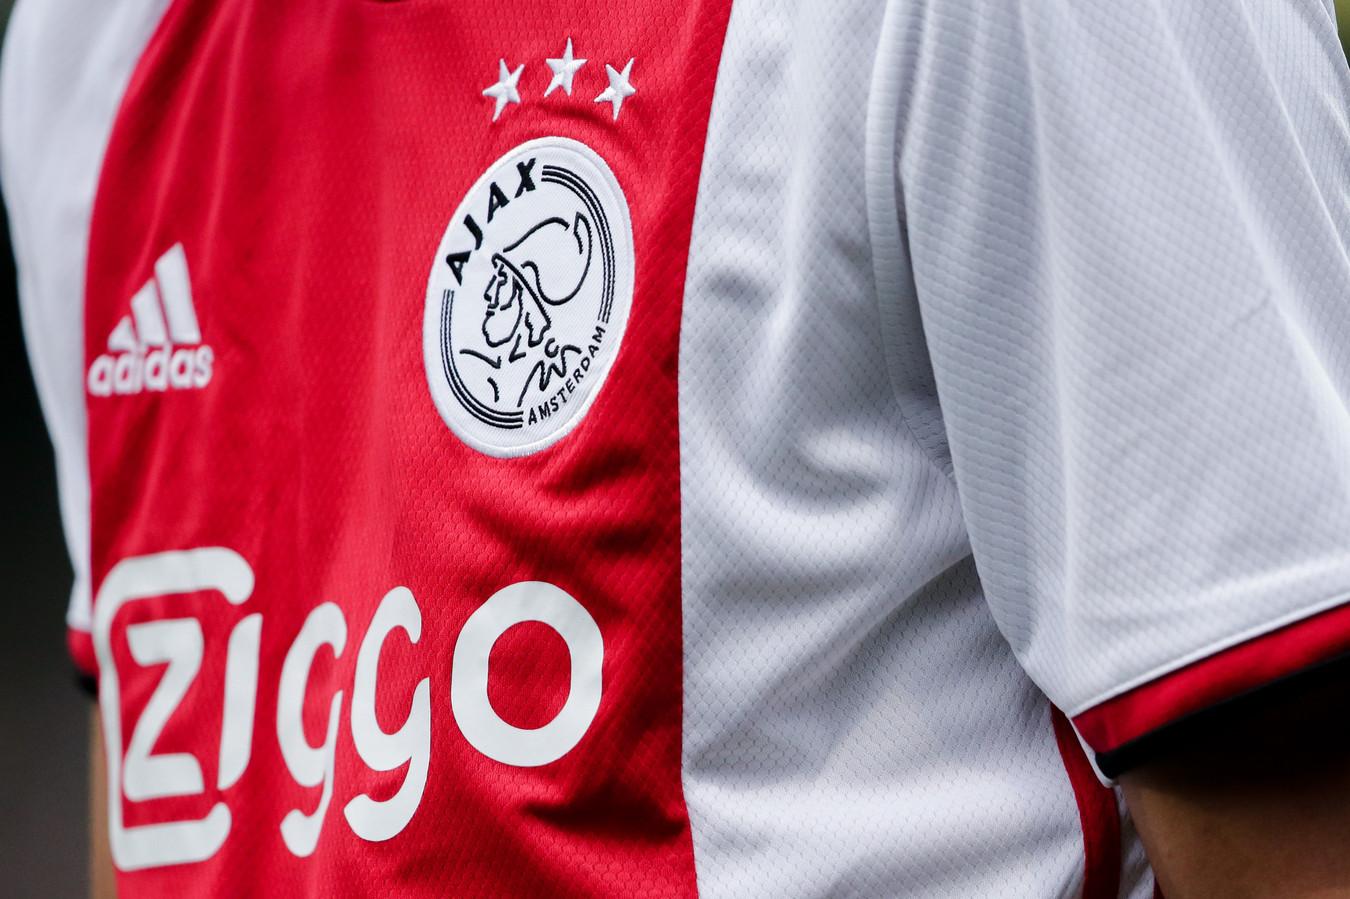 Ajax-tenue, foto ter illustratie.